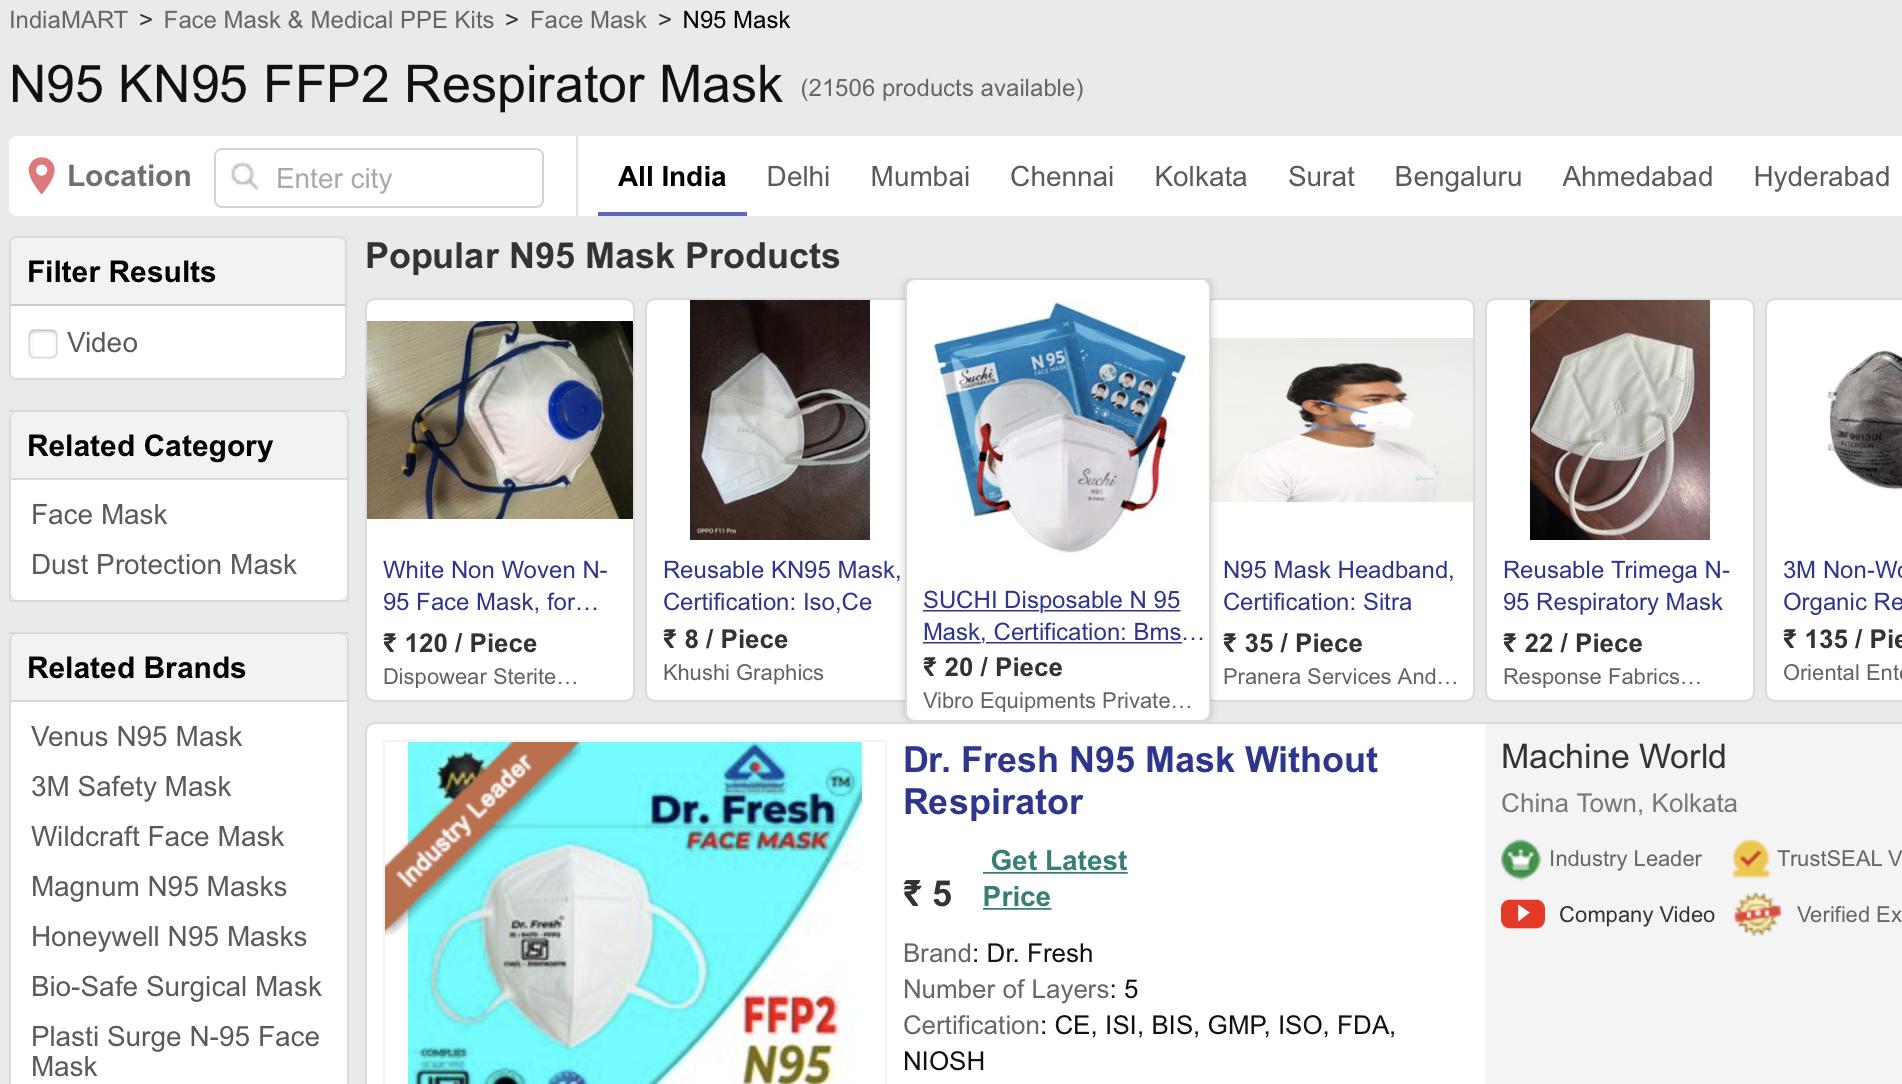 Indiamart N95 Respirator Mask